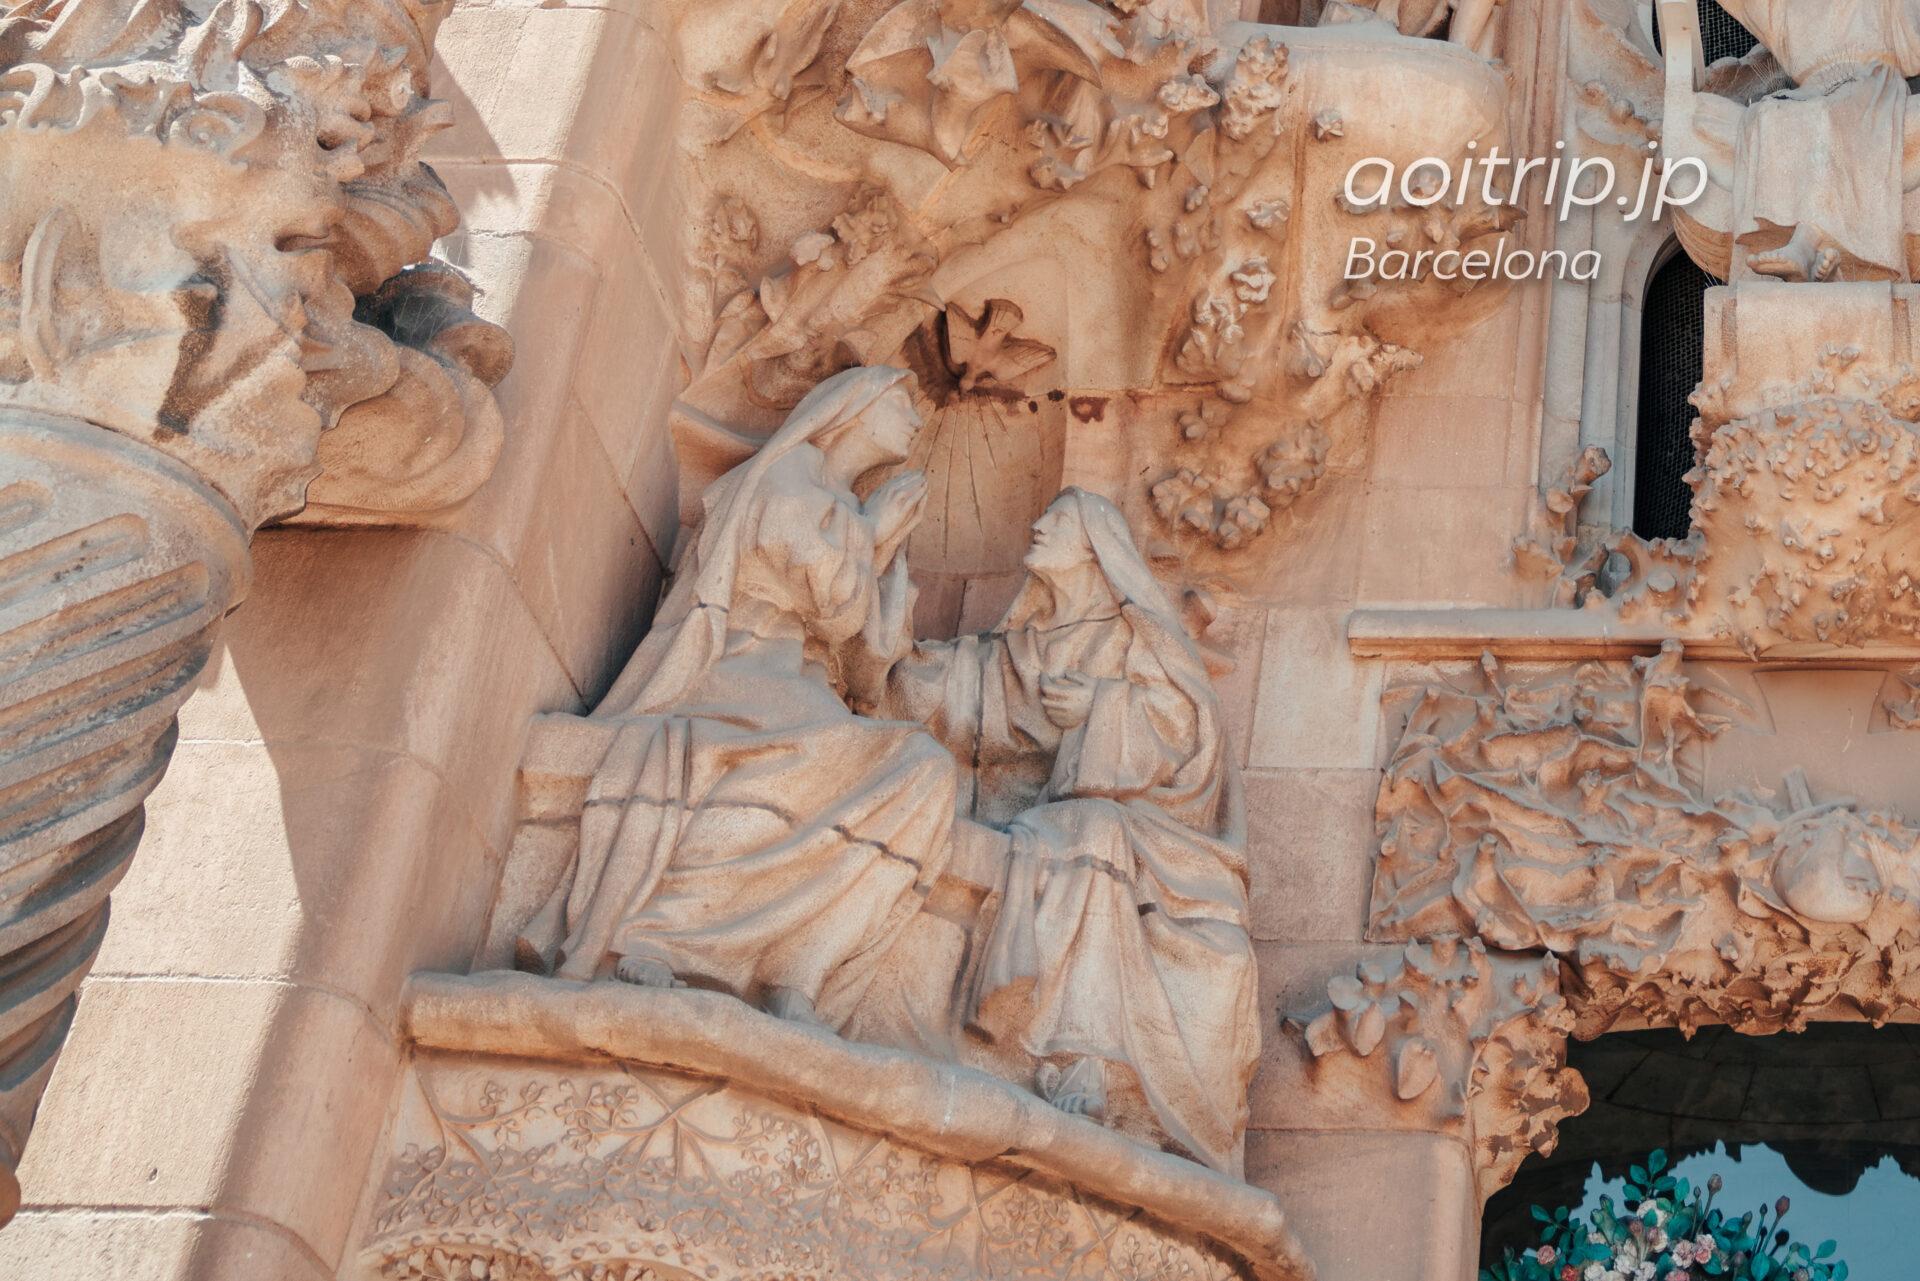 Basílica de la Sagrada Família(Façana del Naixement, Mary's visit to Elizabeth)